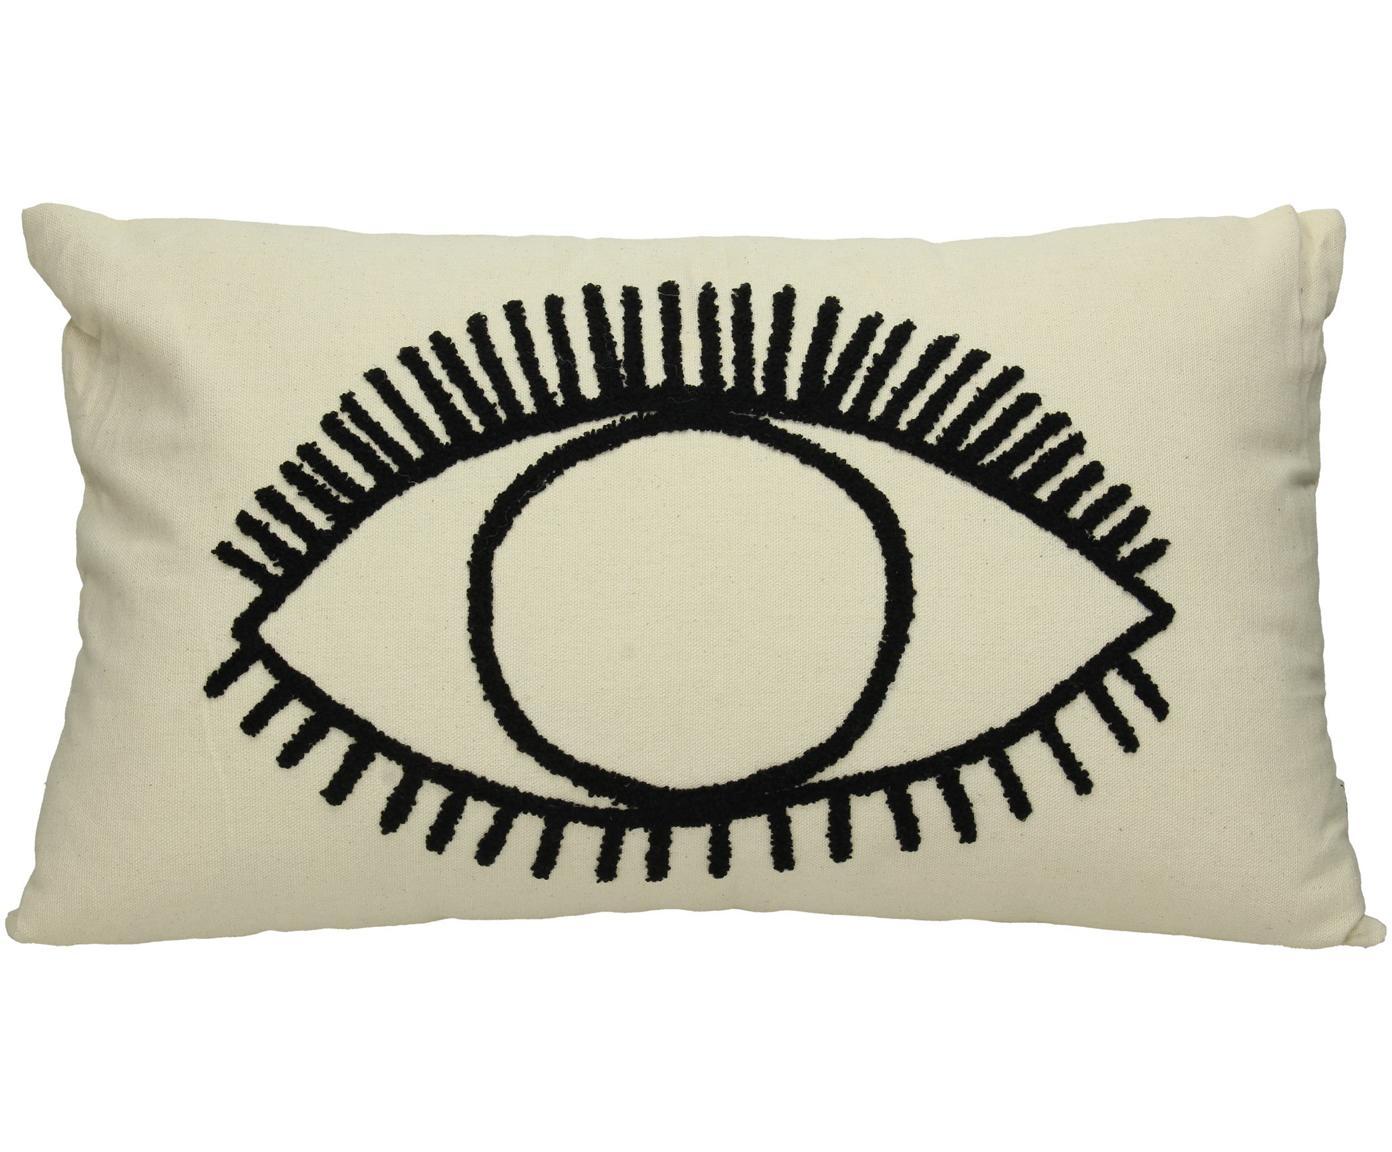 Kissen Eye mit erhabenem Motiv, mit Inlett, 100% Baumwolle, Elfenbeinfarben, Schwarz, 35 x 50 cm